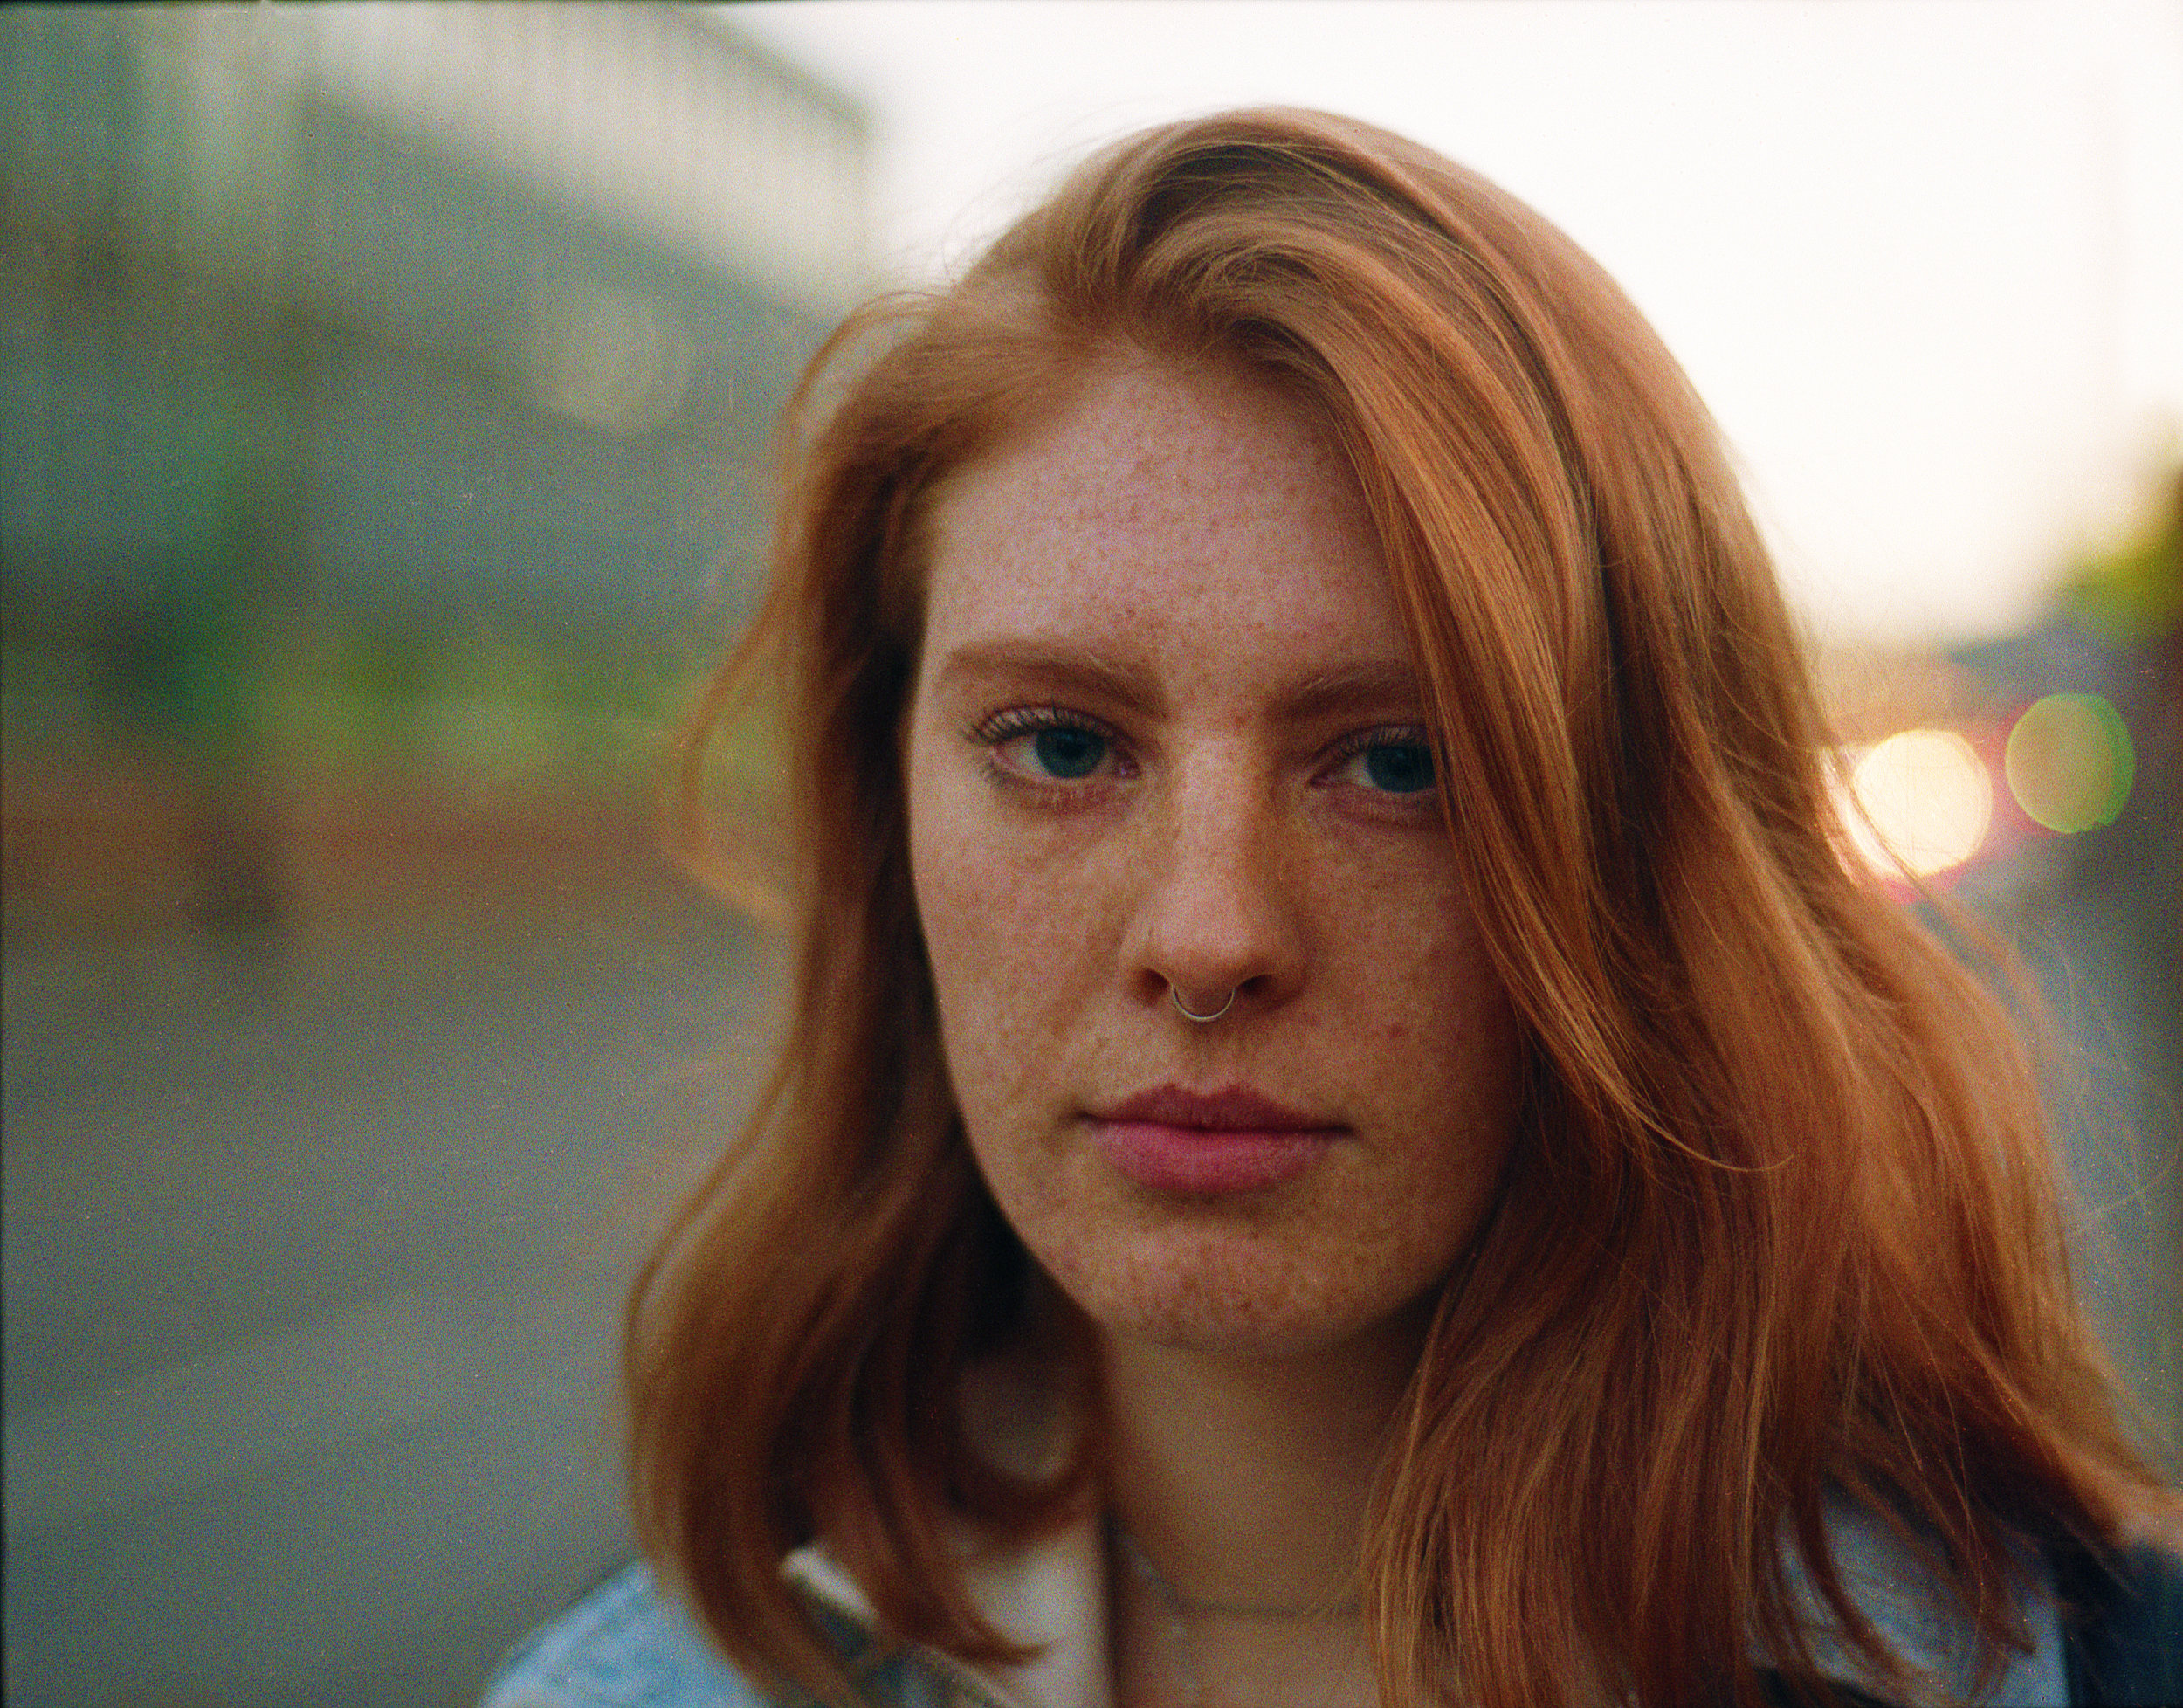 Erin, 2016